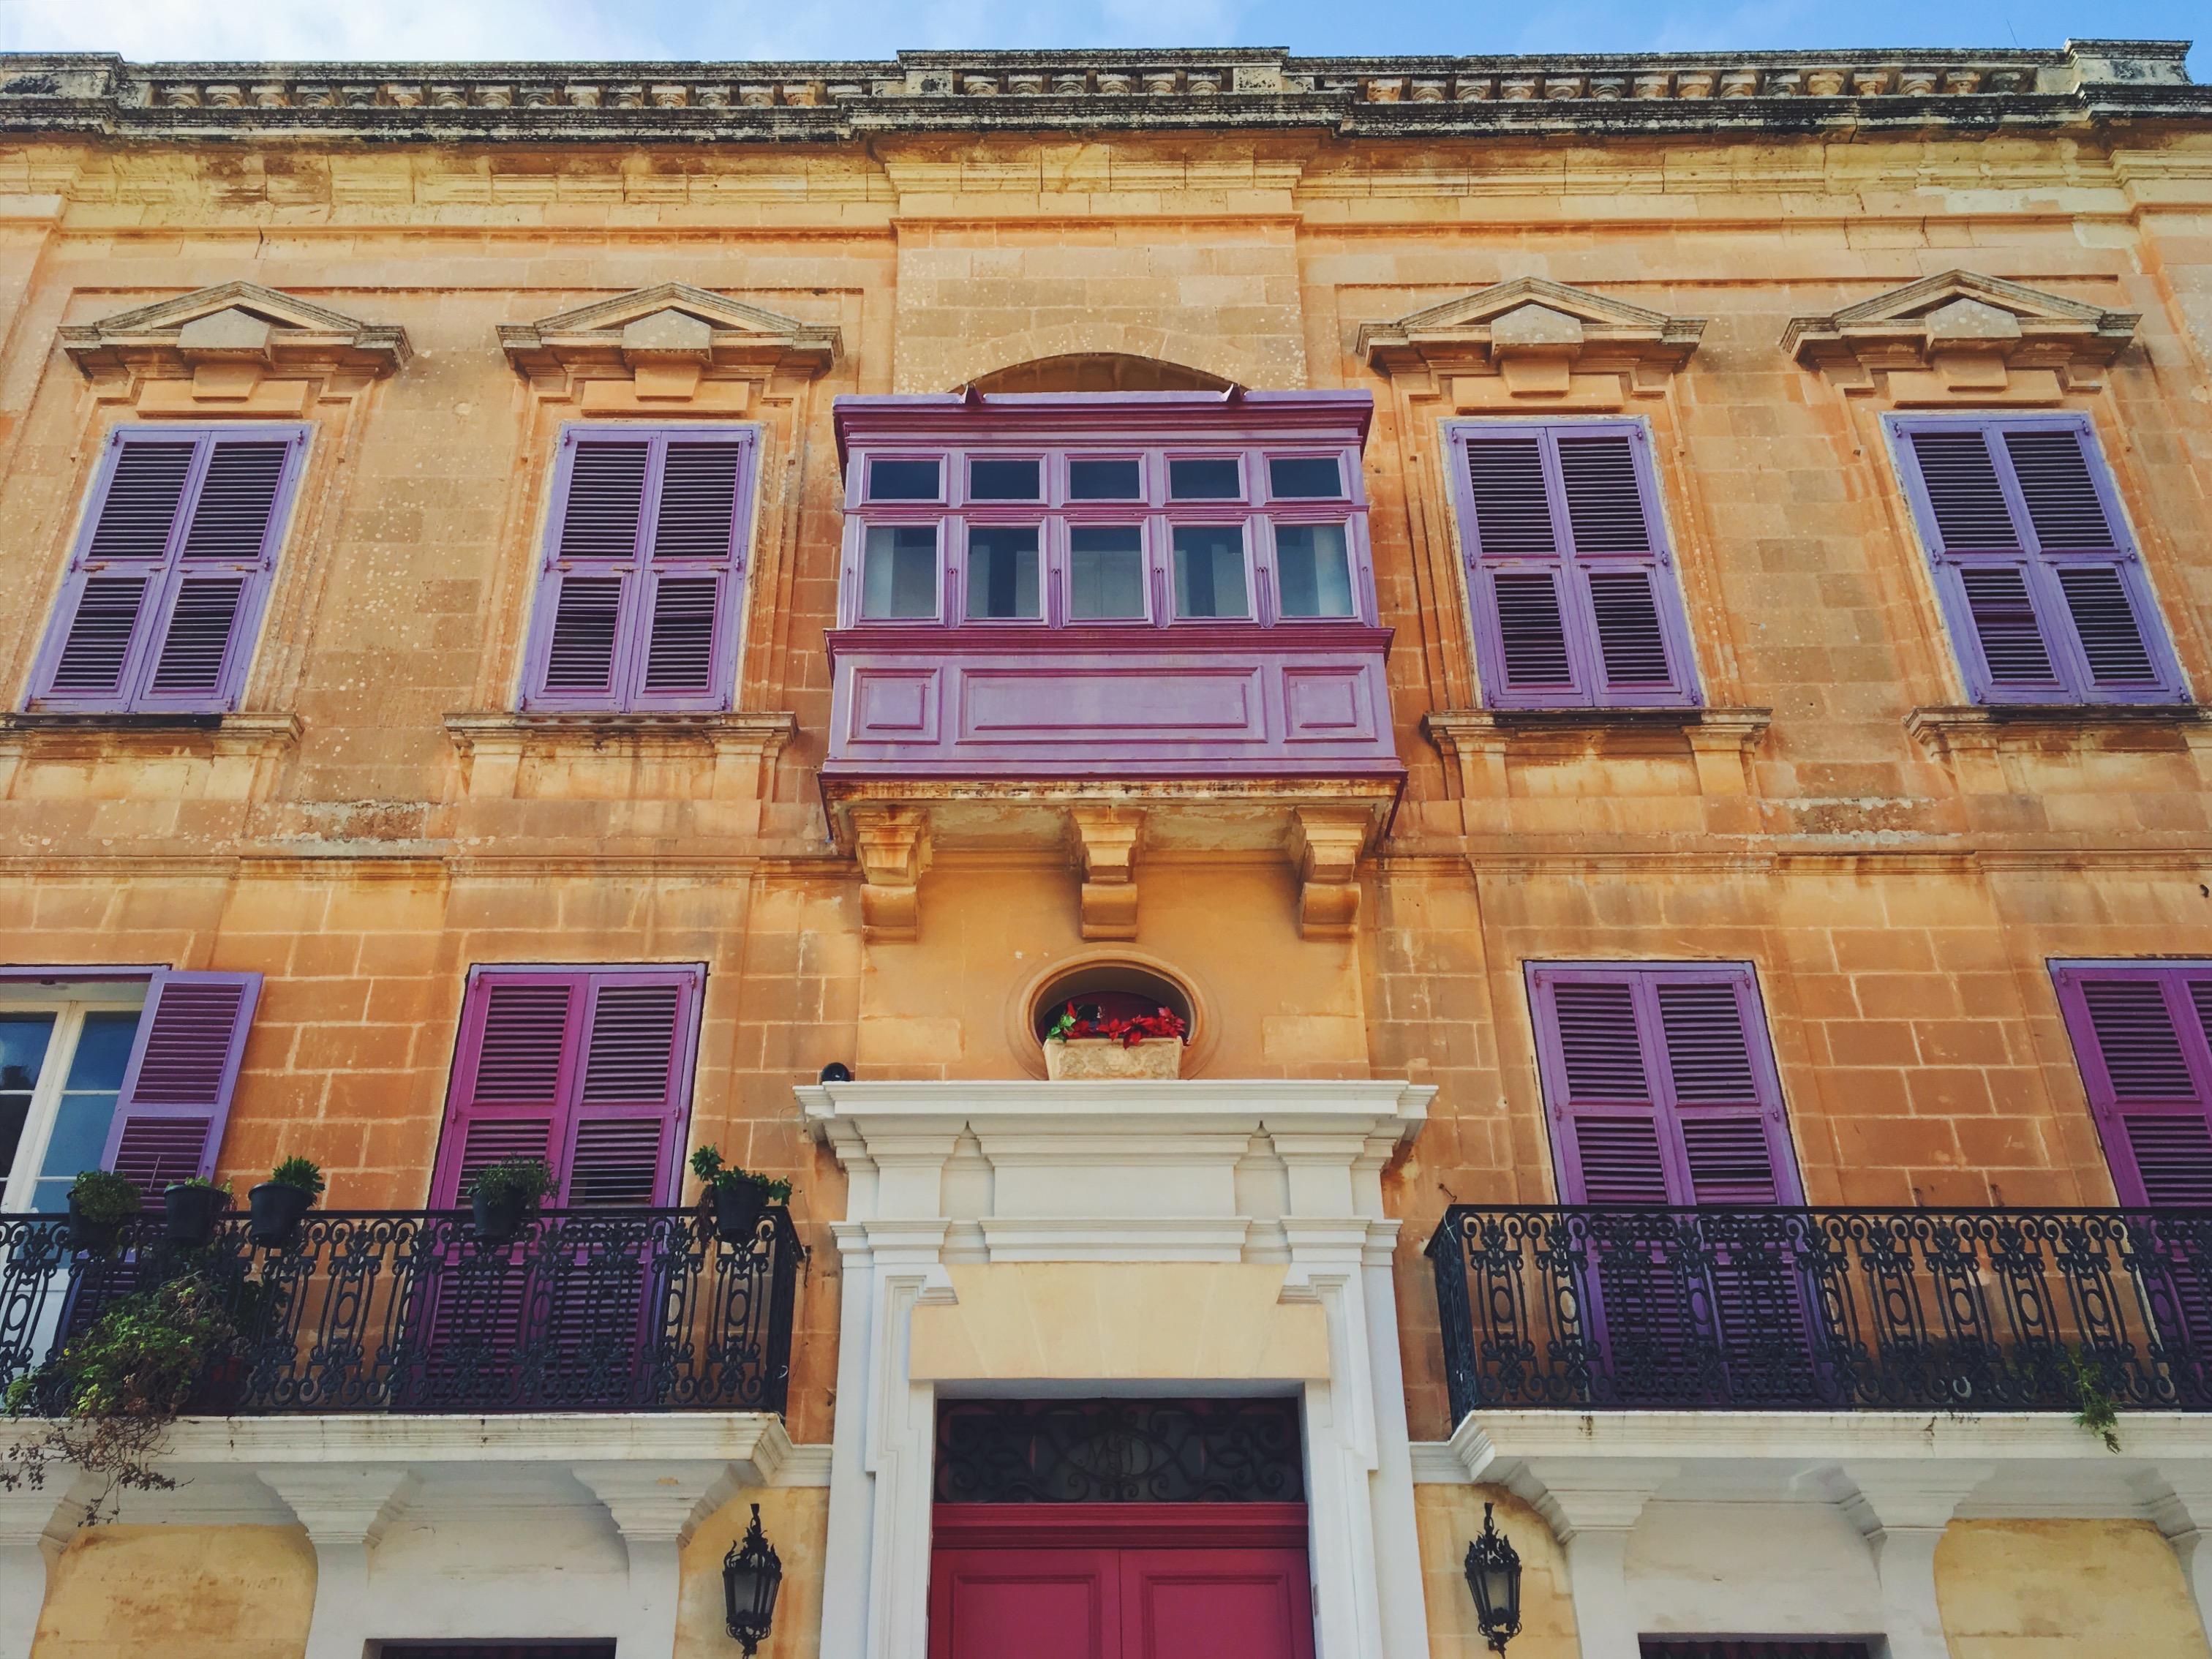 Le finestre viola in una delle case più belle di Malta